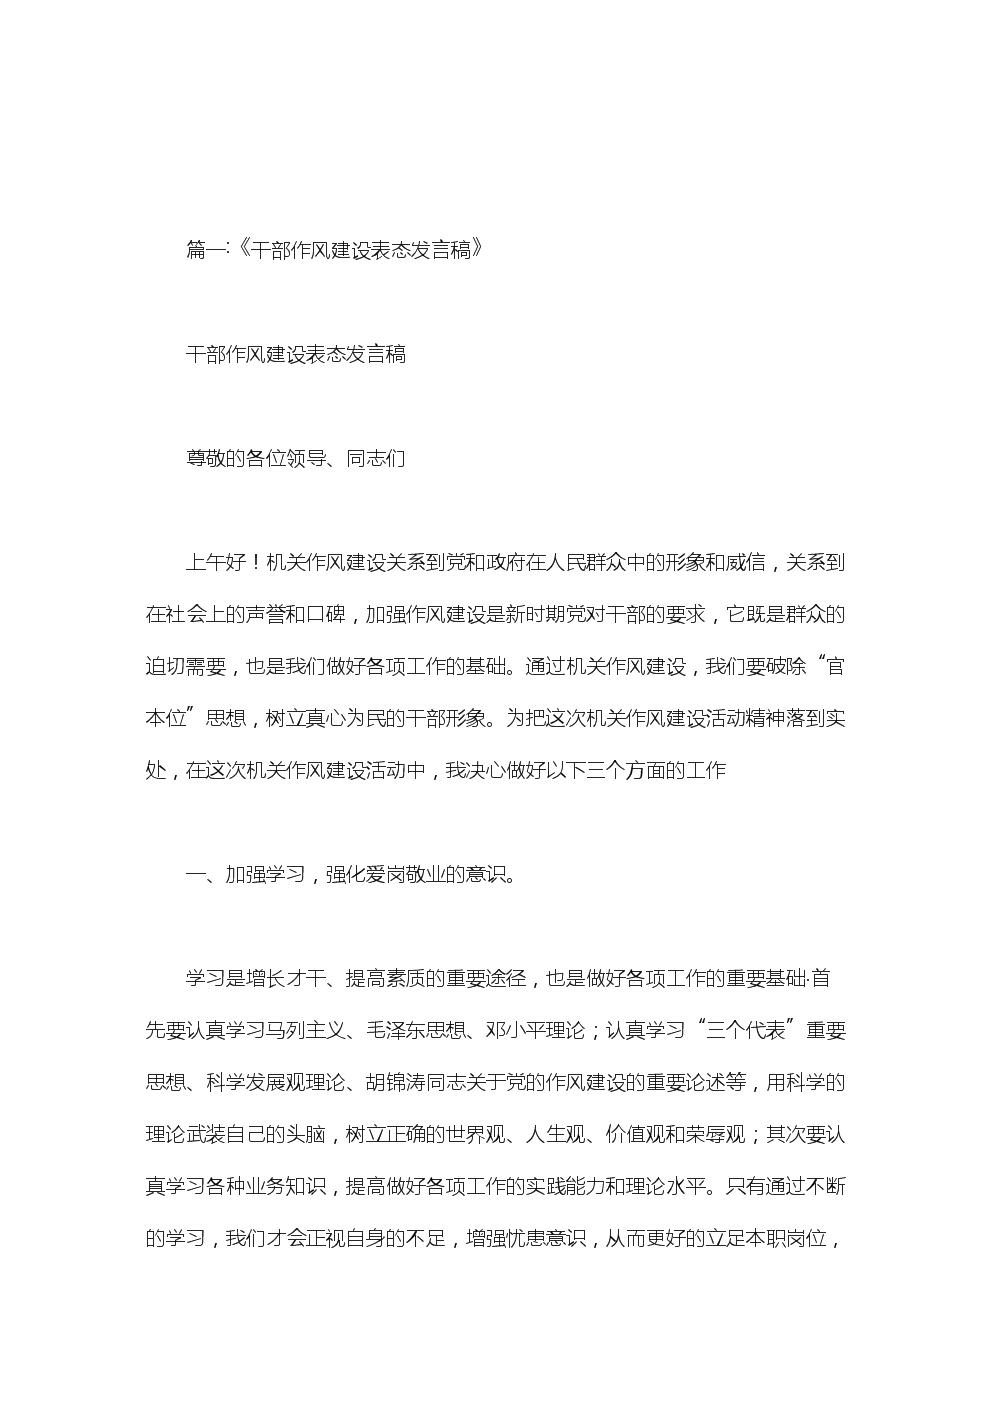 作风建设表态发言材料范文.doc